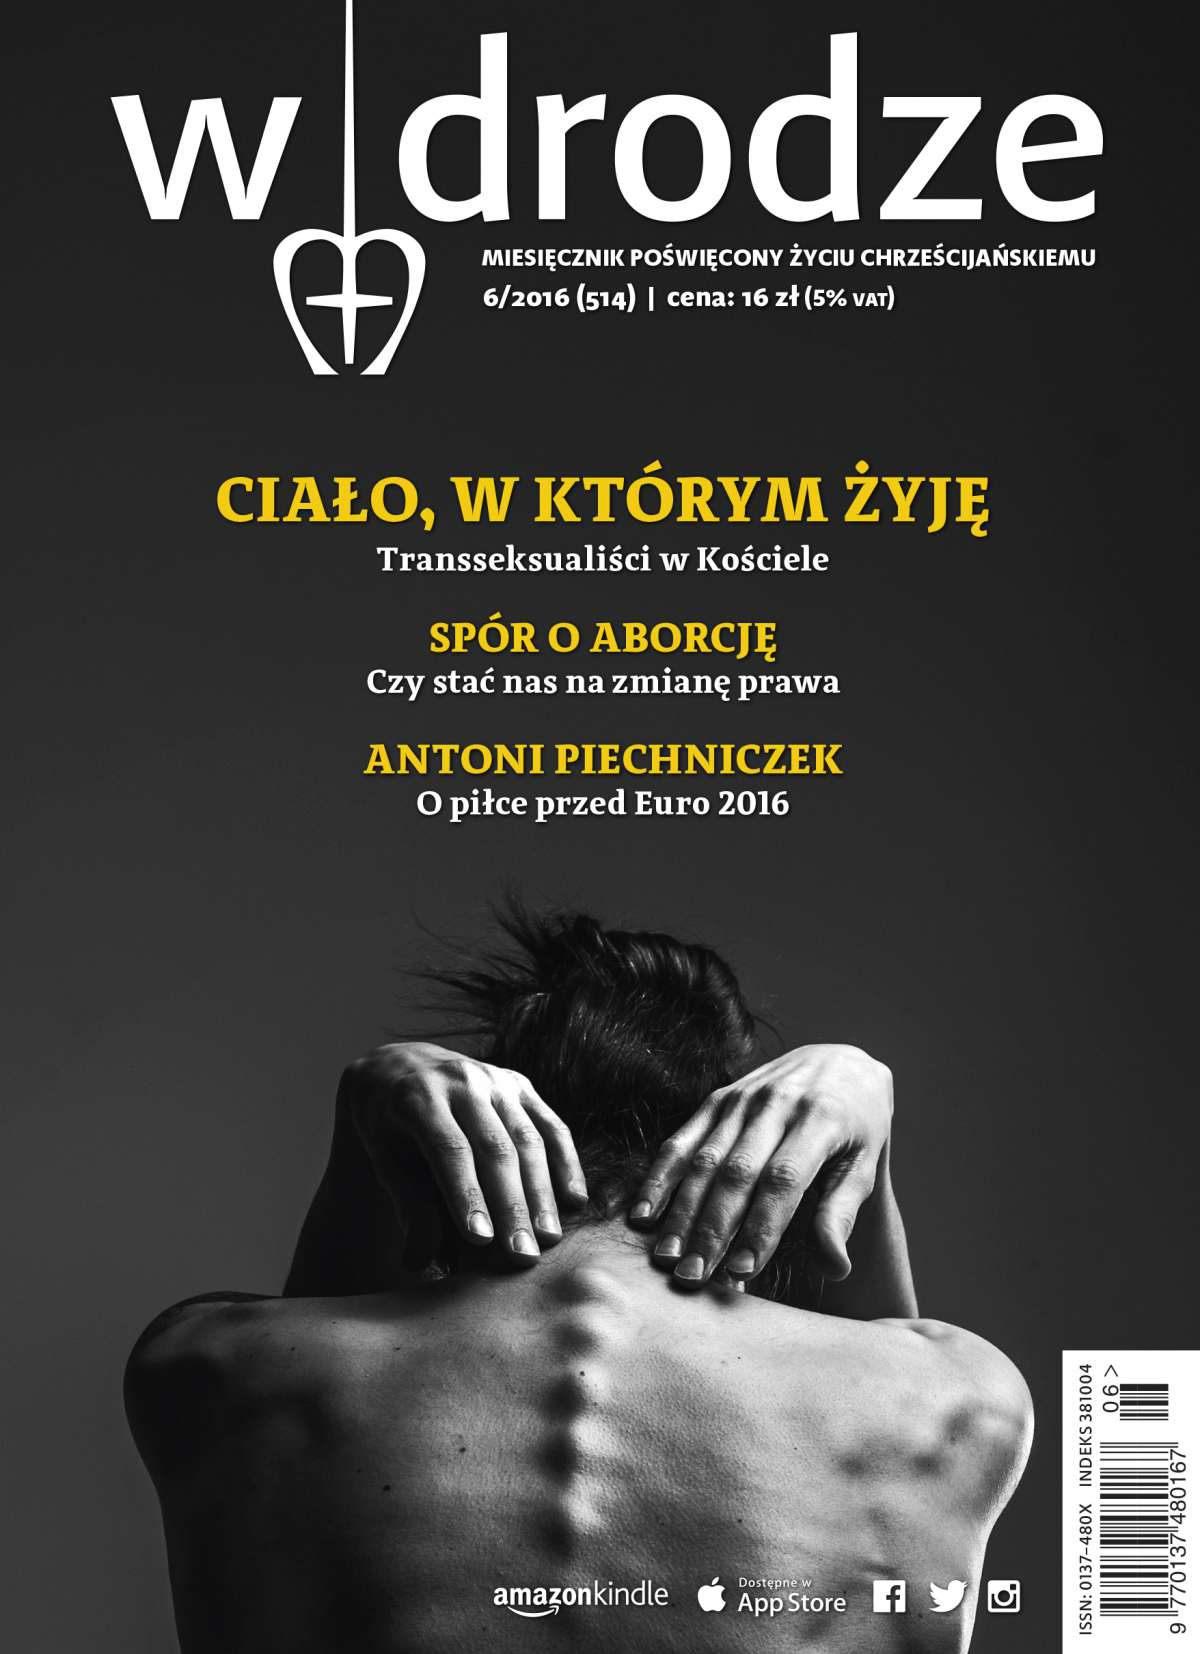 """Miesięcznik """"W drodze"""" nr 514 - Ebook (Książka EPUB) do pobrania w formacie EPUB"""